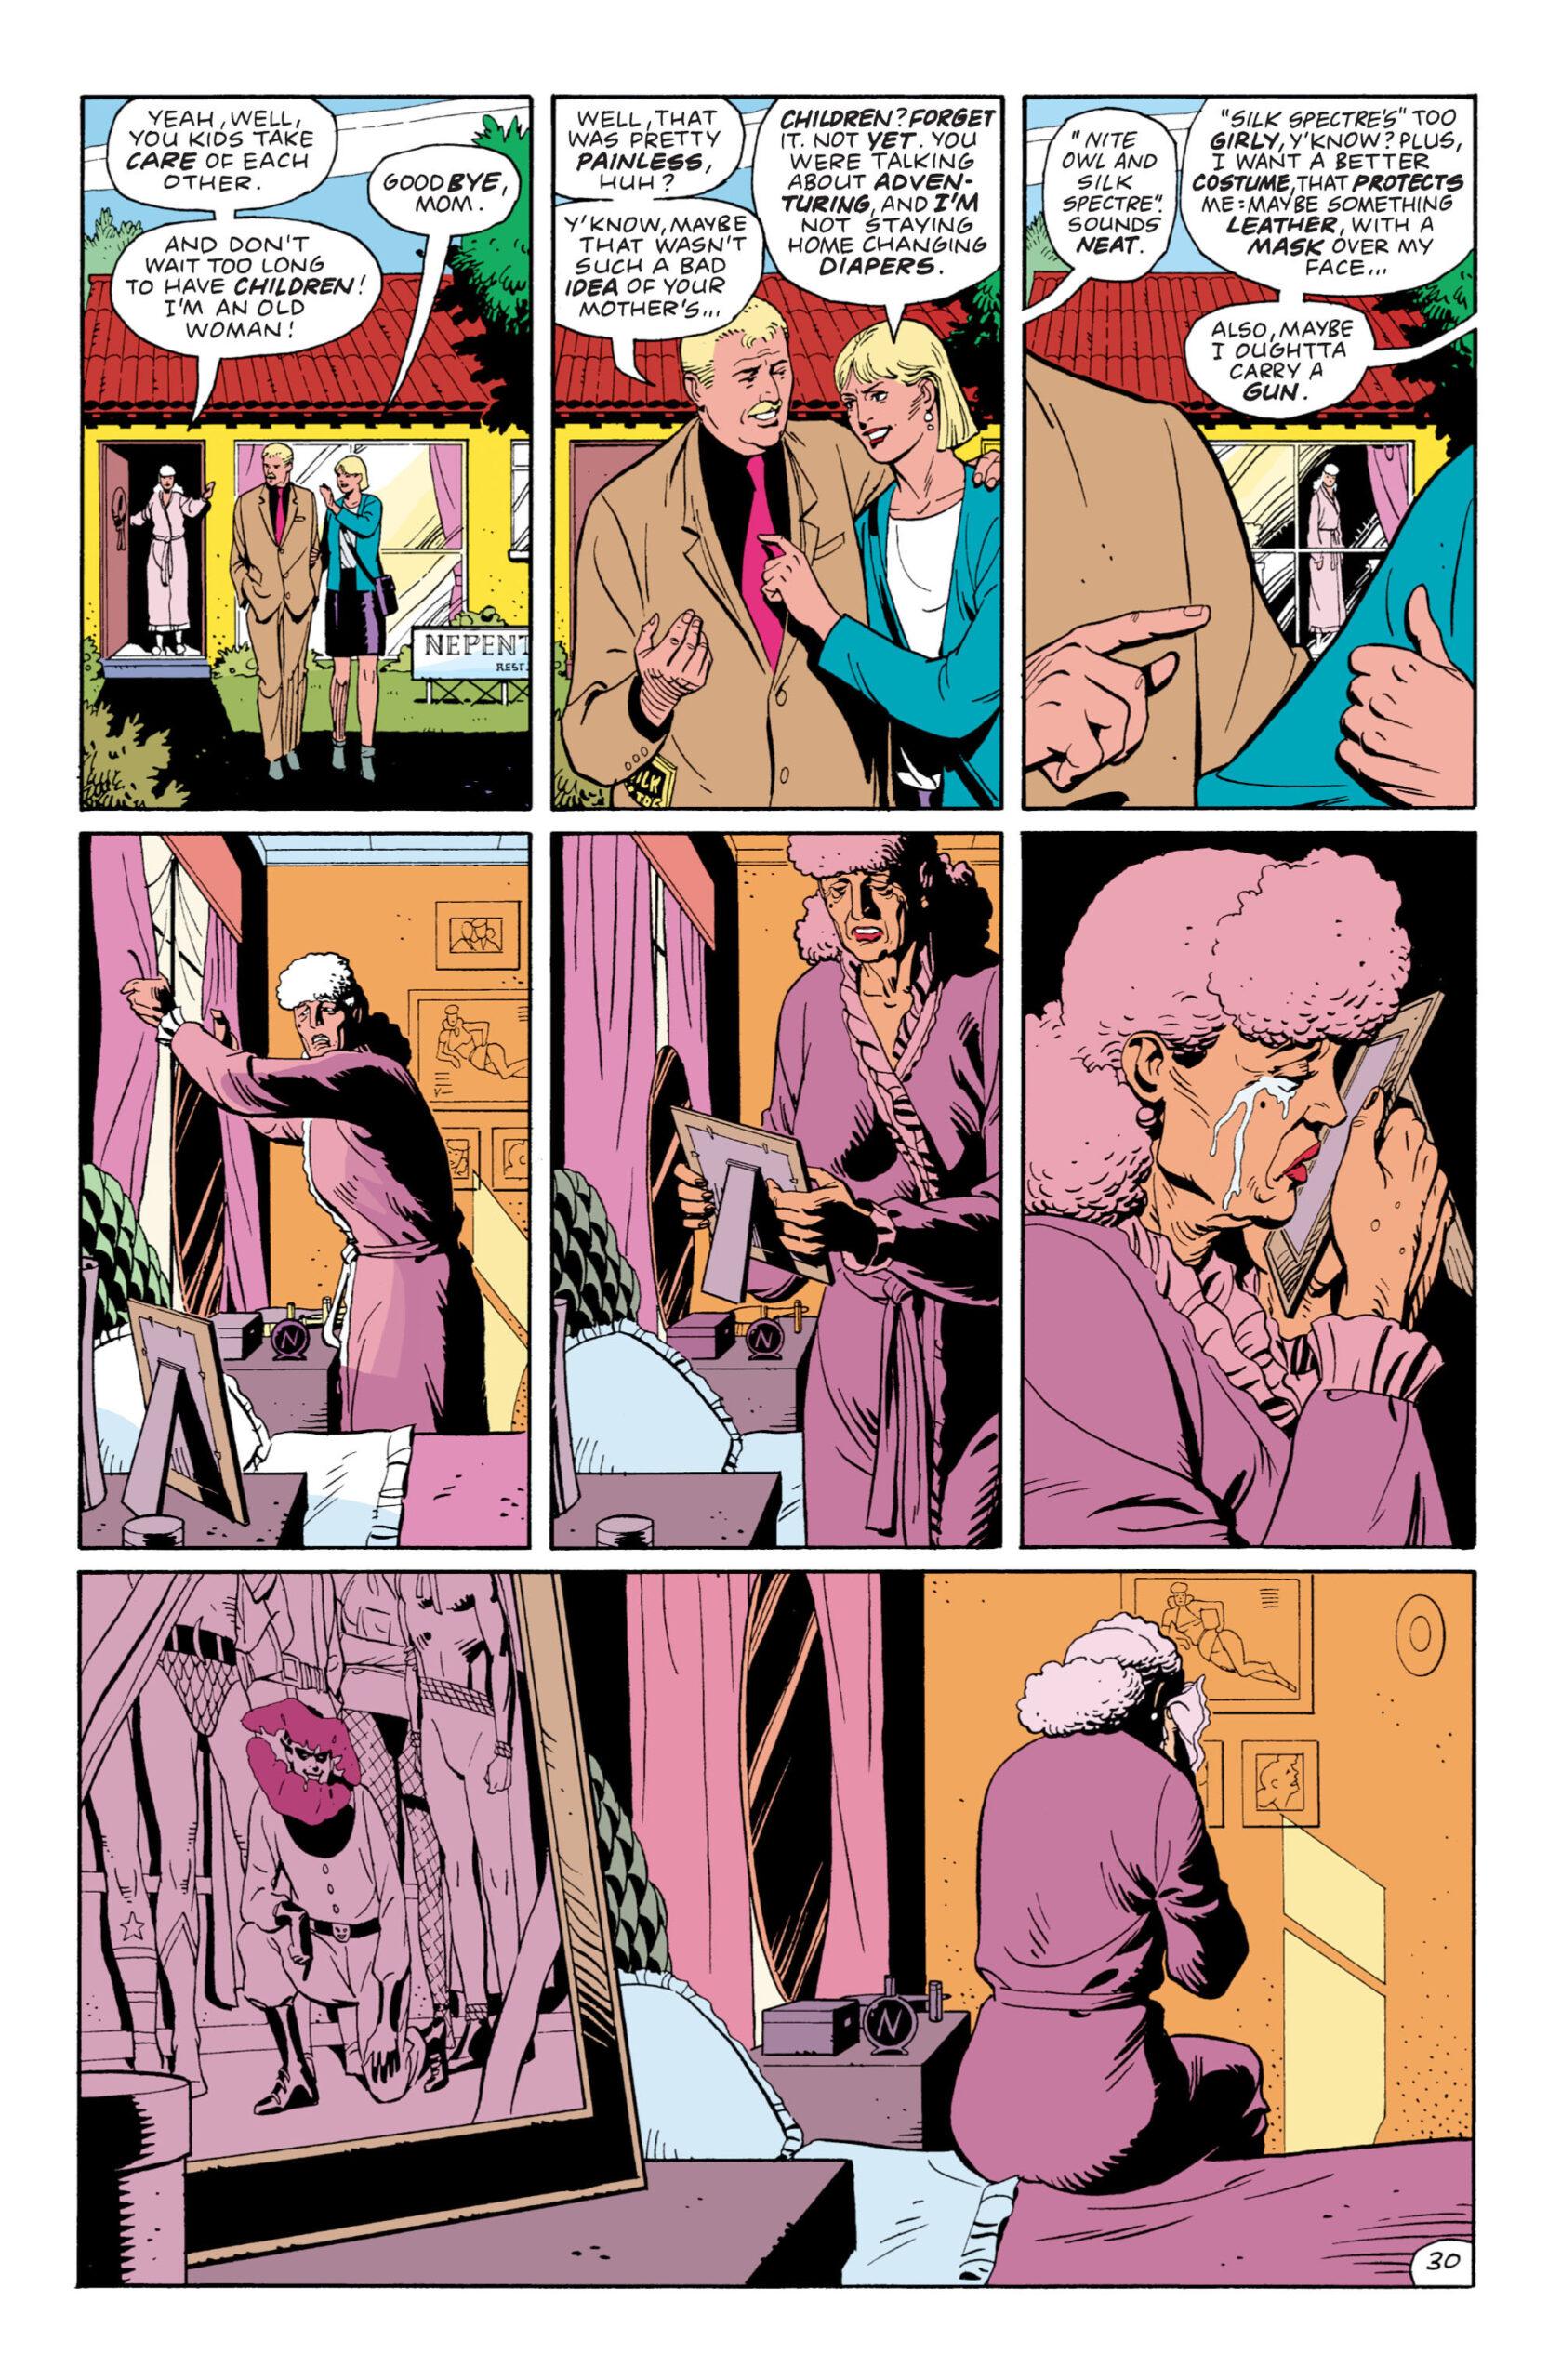 Sally Jupiter in Watchmen